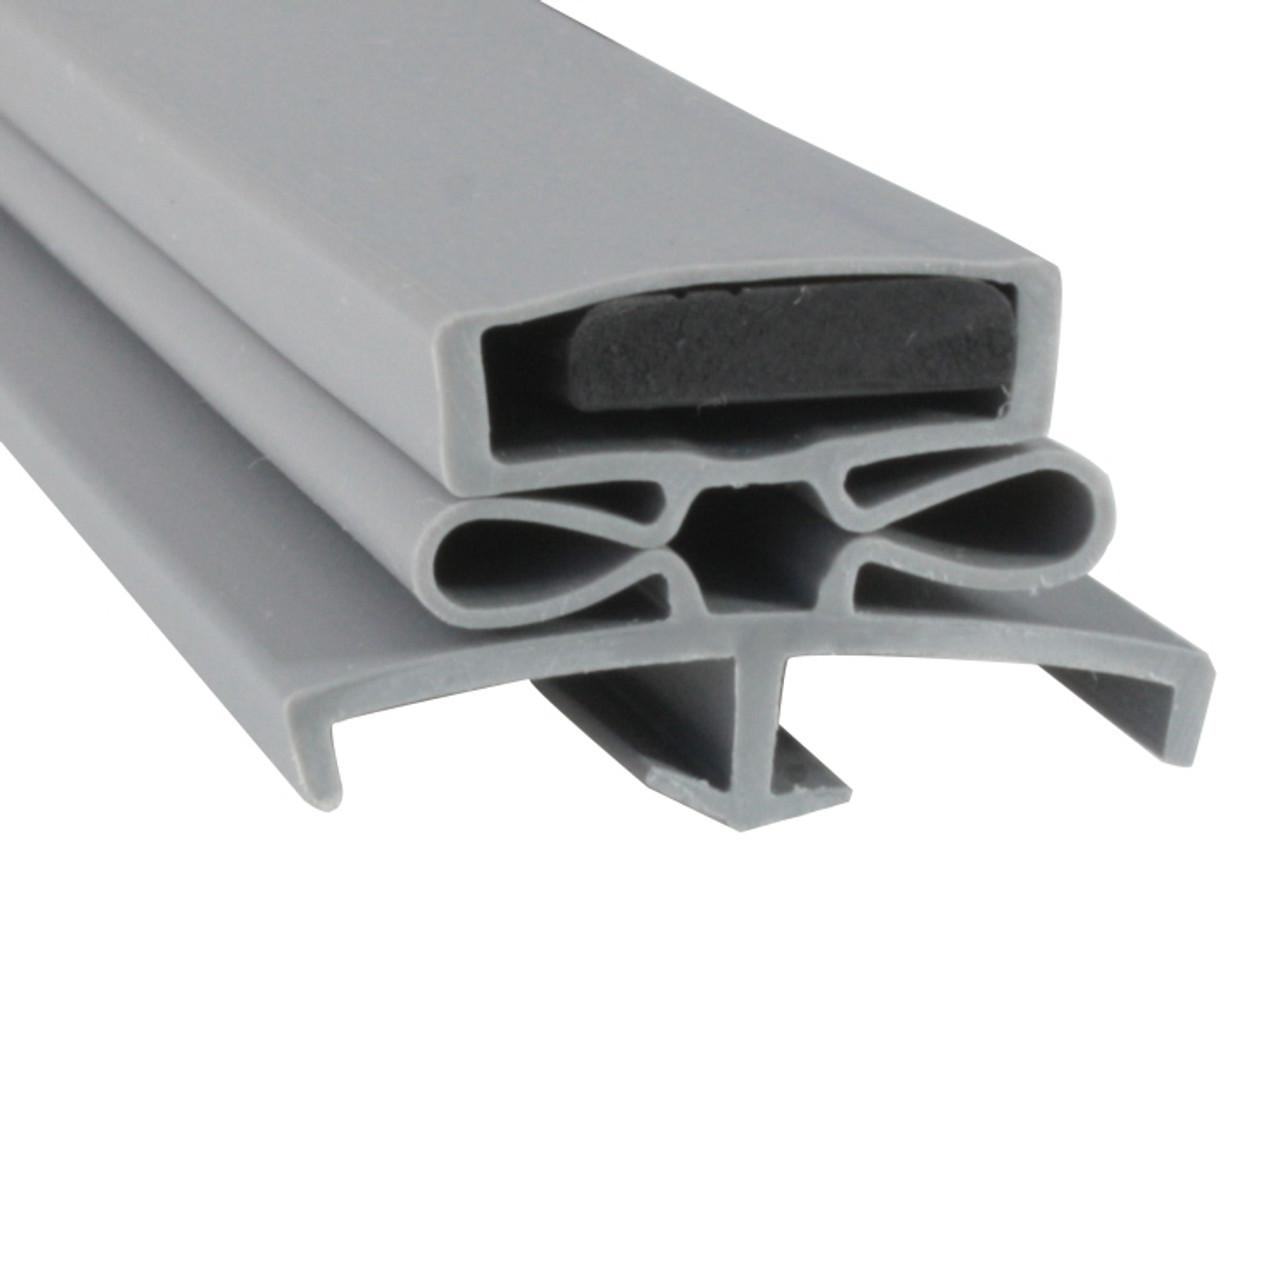 Glenco Door Gasket Profile 166 21 5/8 x 12 3/4 -1